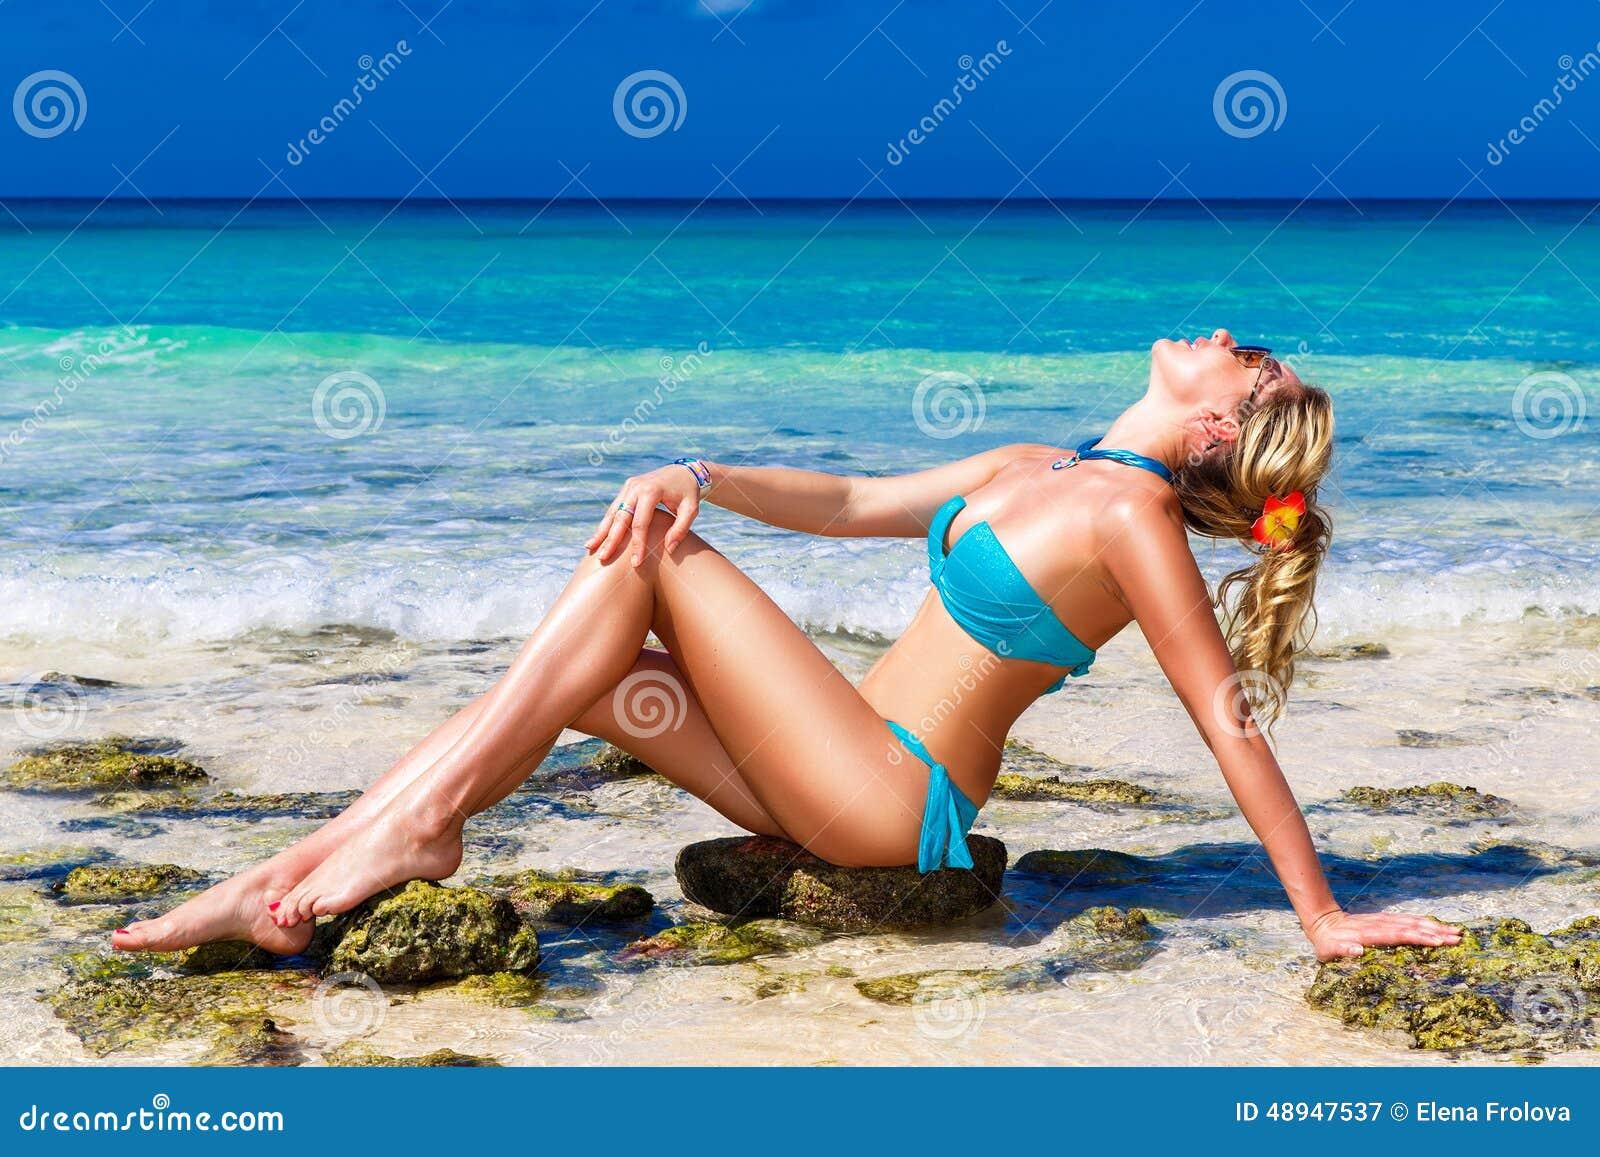 海滩丰满荡妇完整版_比基尼泳装的美丽的少妇在一个热带海滩.